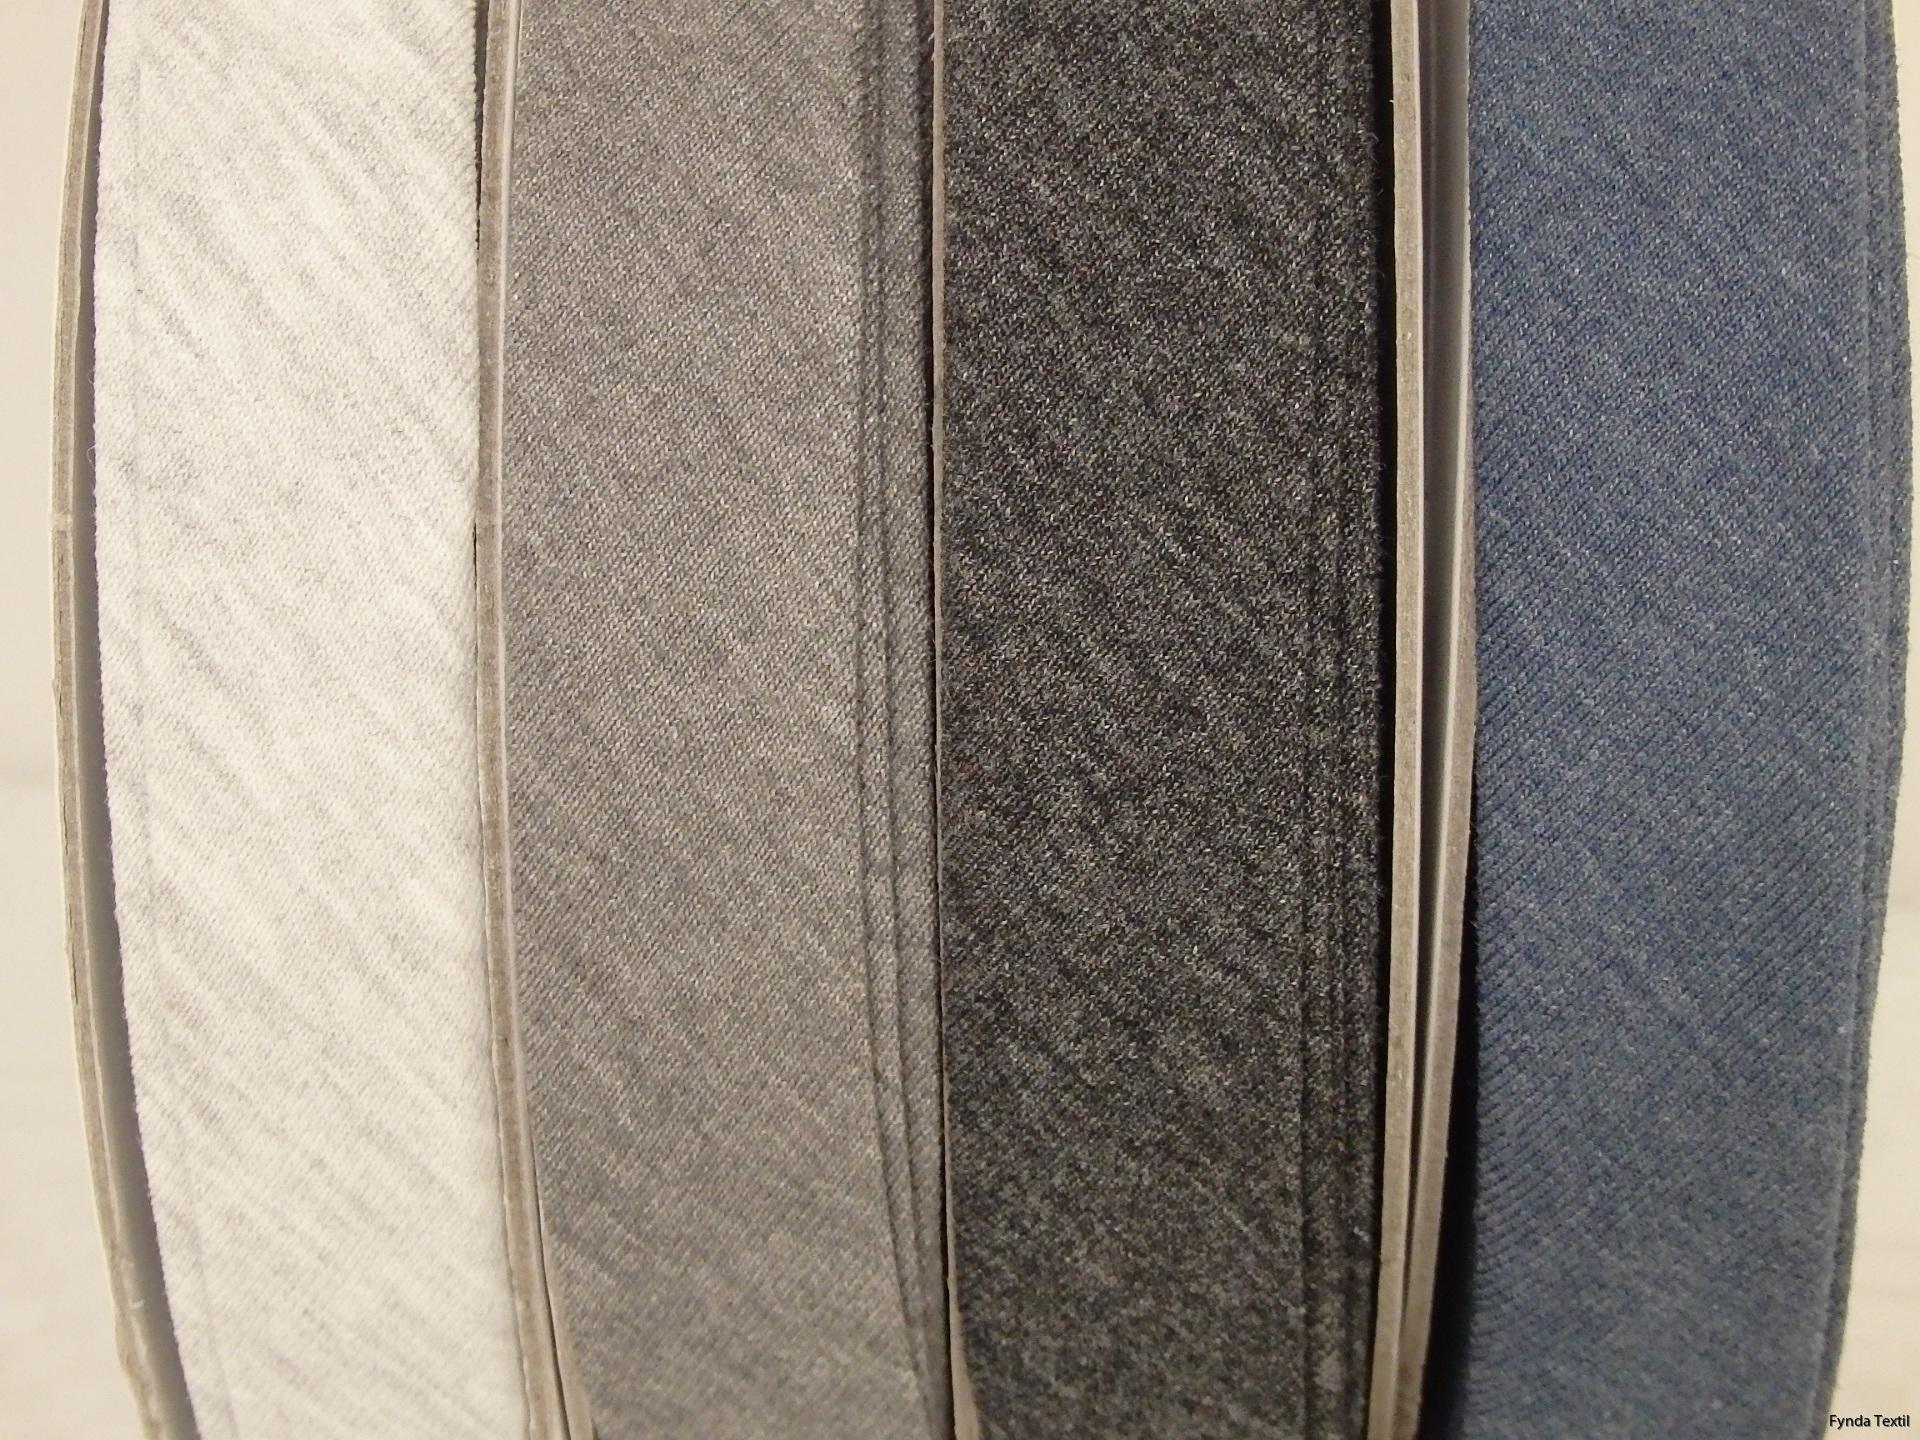 Från vänster: Ljusgrå, mellangrå, mörkgrå och jeansblå melerad